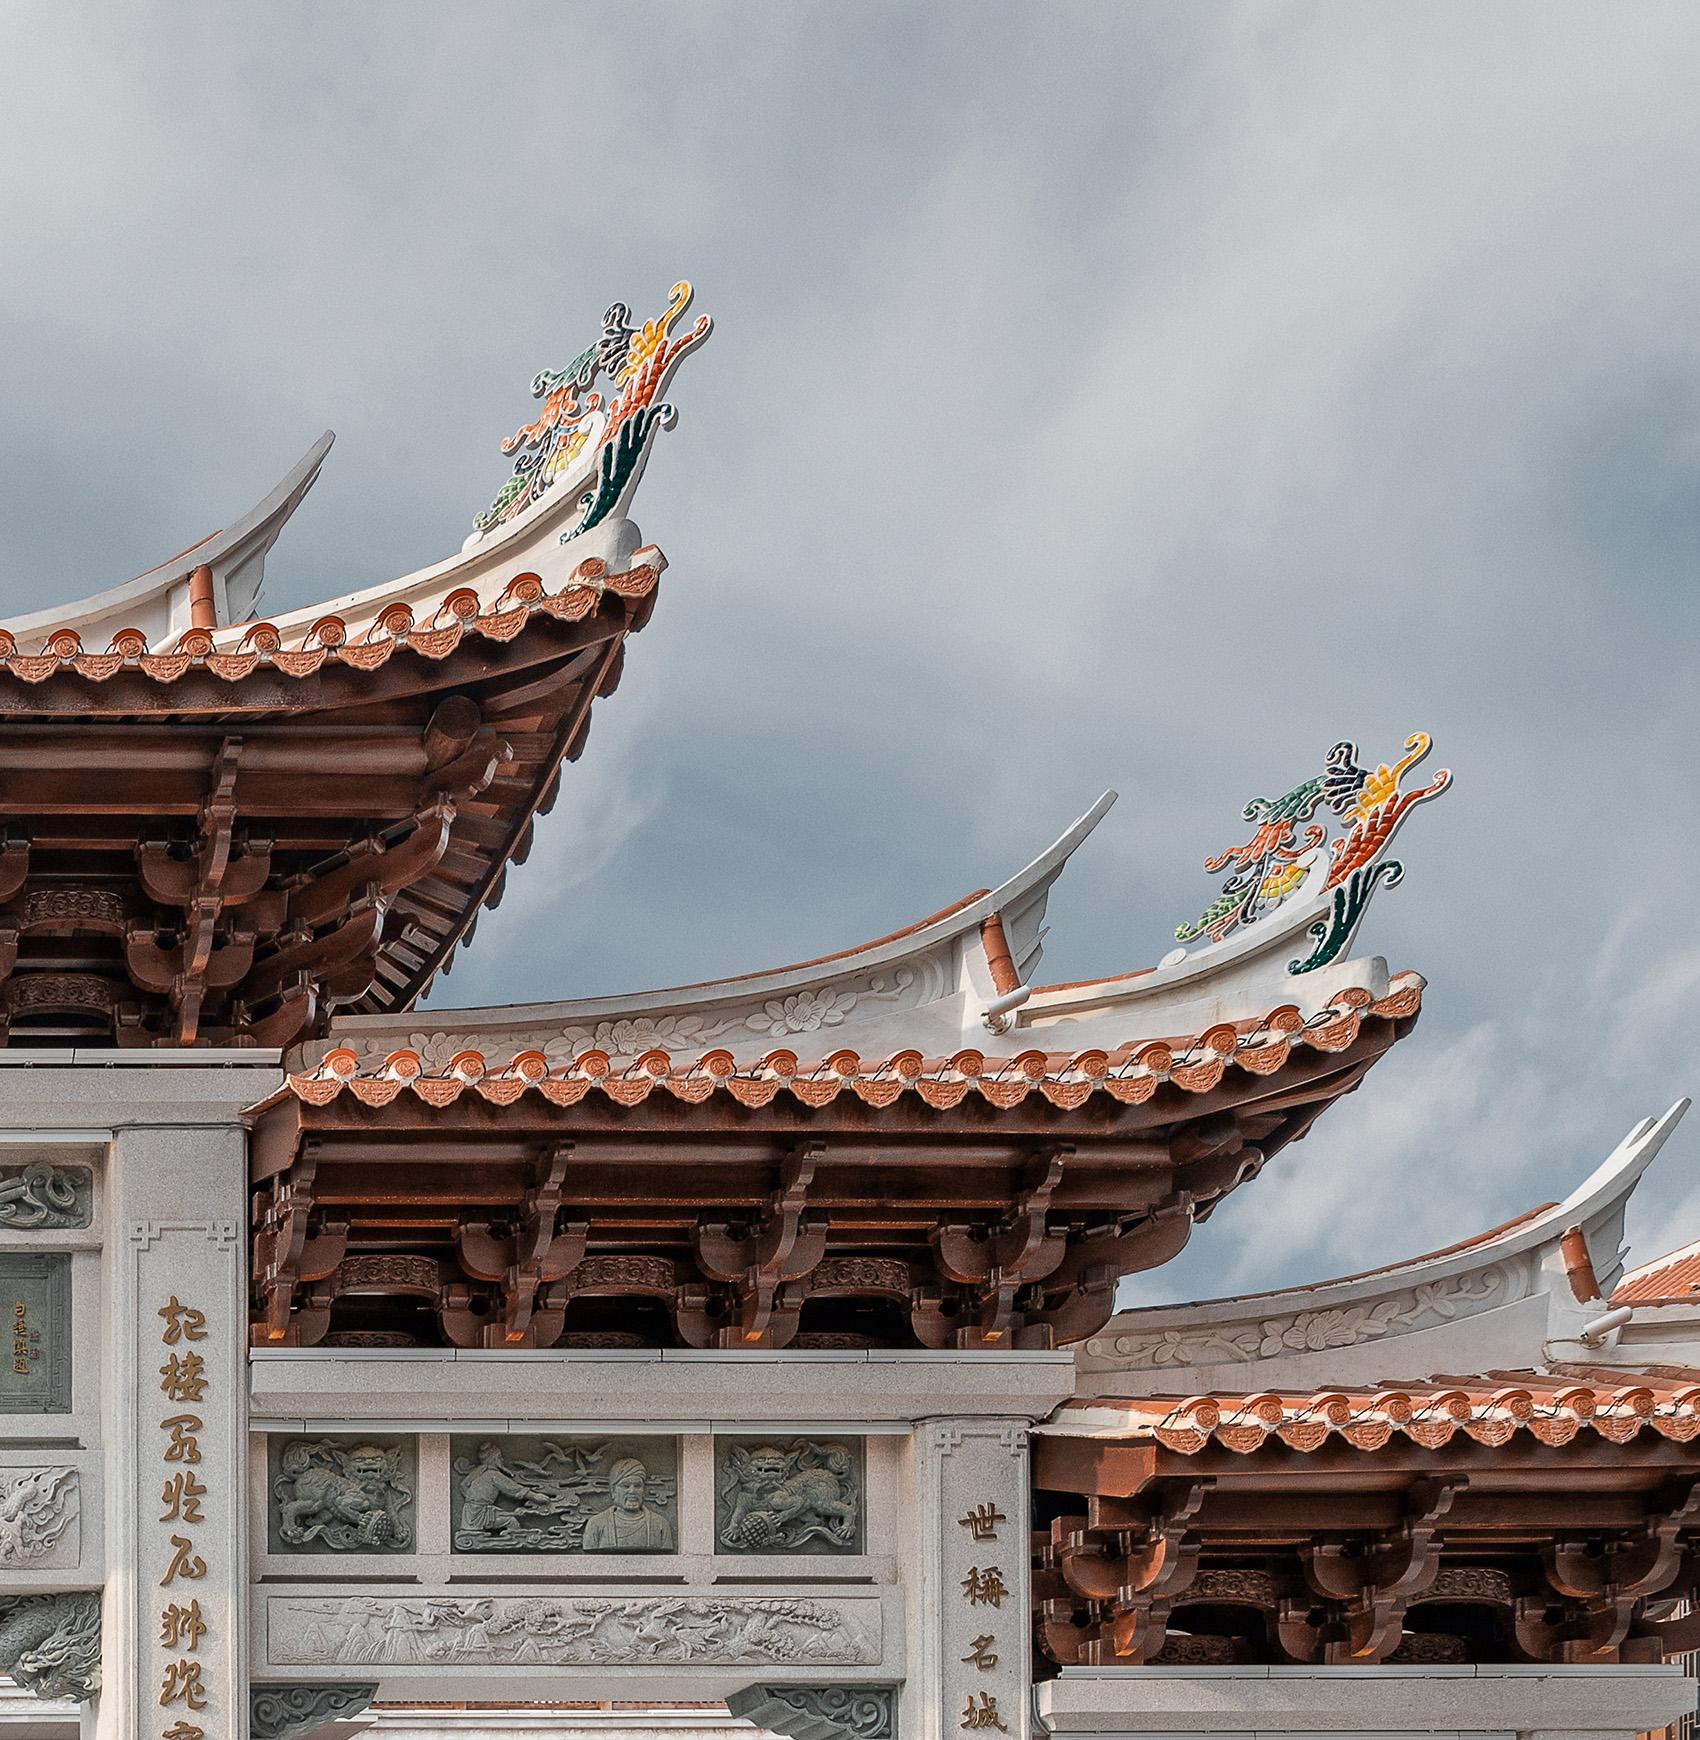 JSP │ 百年丝路,文化筑梦——海上丝绸之路博物馆